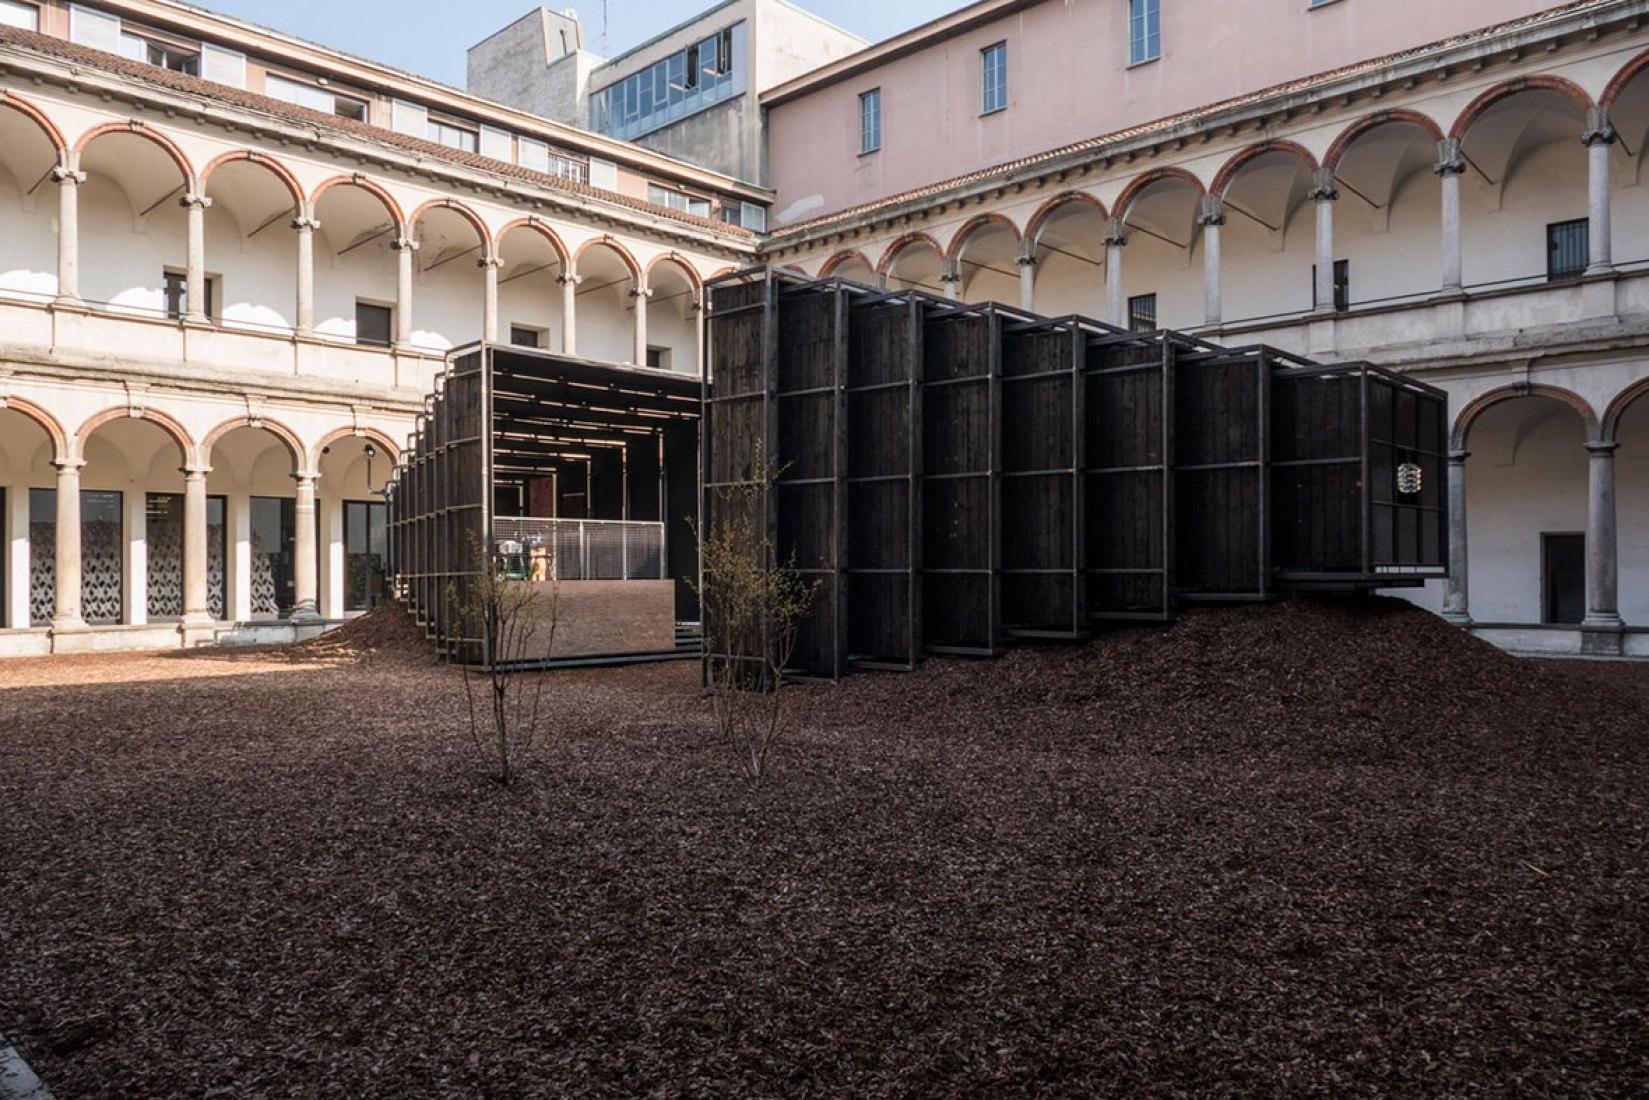 Imagen de los pabellones por Annabel Karim Kassar. Fotografía © AKK Architects.